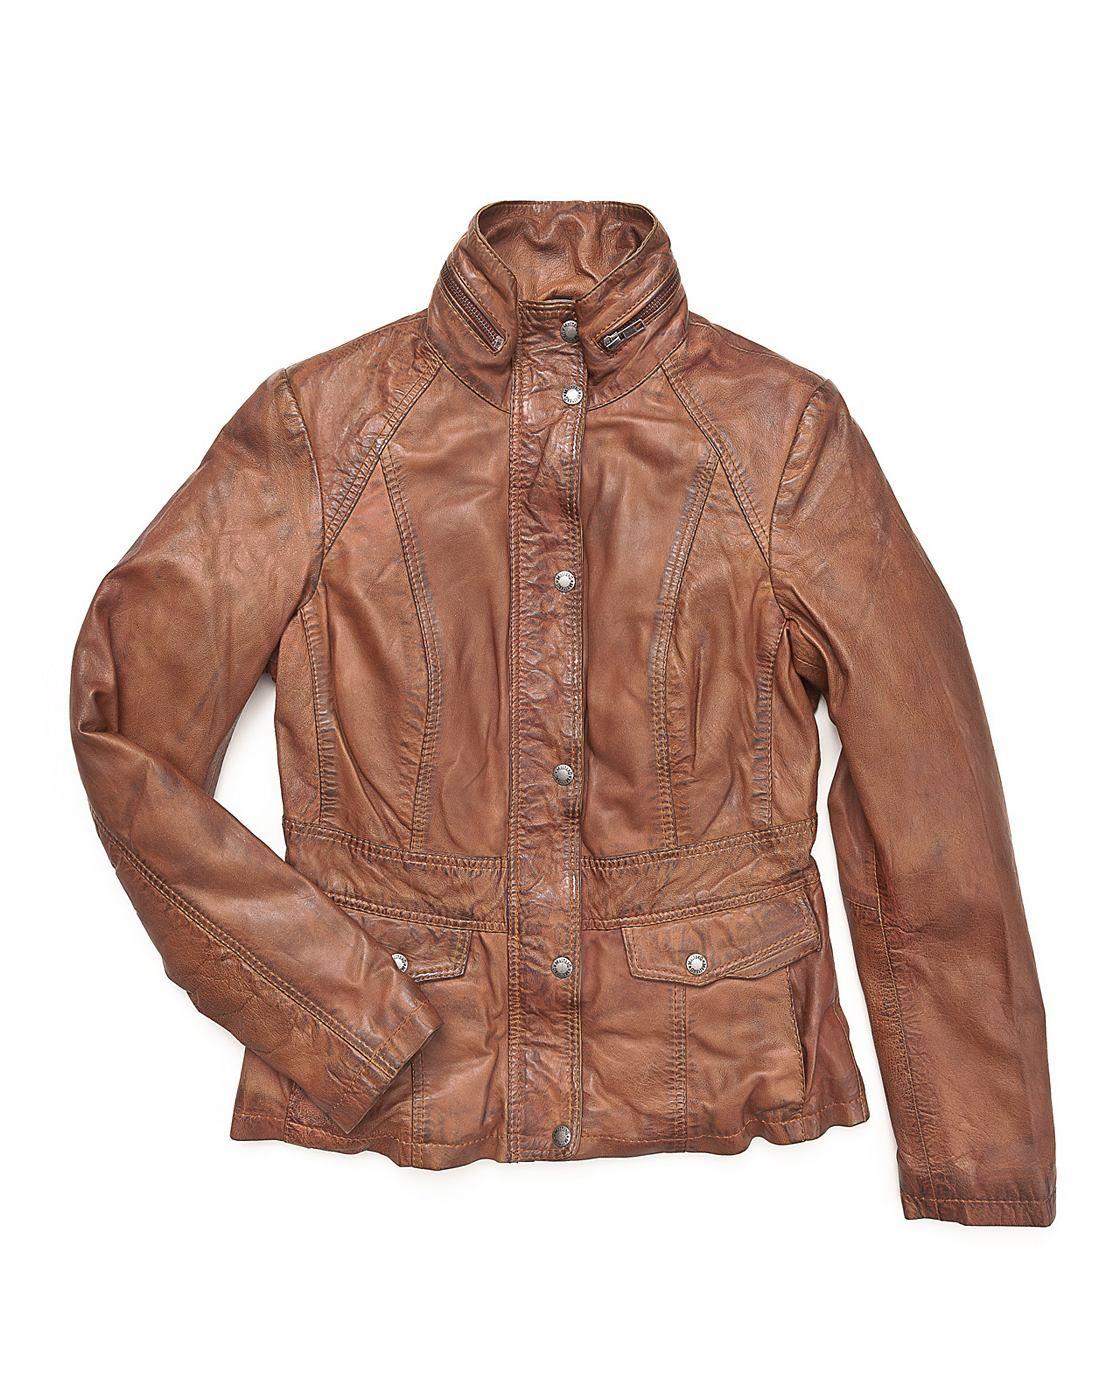 Lederjacke, Damen Chesham    Tolle Lederjacke für Damen von Mustang. Sie wird mit einem Reißverschluss und Knöpfen verschlossen, hat zwei seitliche Einschubtaschen und eine Innentasche. Die Ziernähte, der Stehkragen, sowie die anderen optischen Details machen diese Jacke zu einem echten Highlight.    Kragenform: Stehkragen  Materialzusammensetzung in %: 100% Leder, Schaf / Futter: 100% Baumwoll...